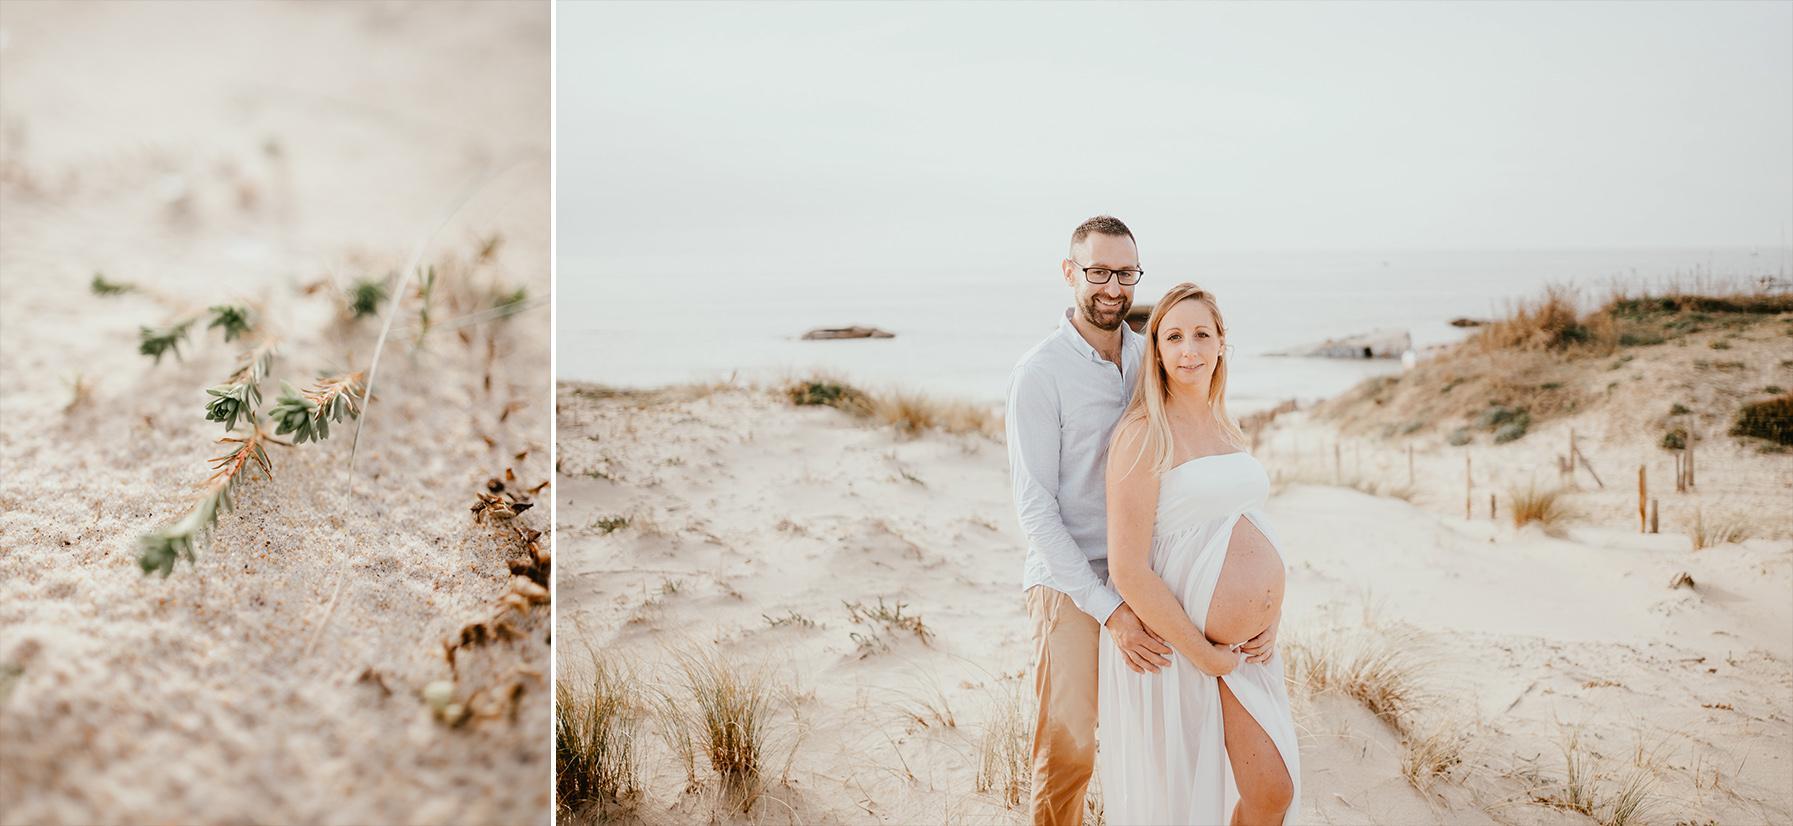 Photographe grossesse landes plage famille capbreton